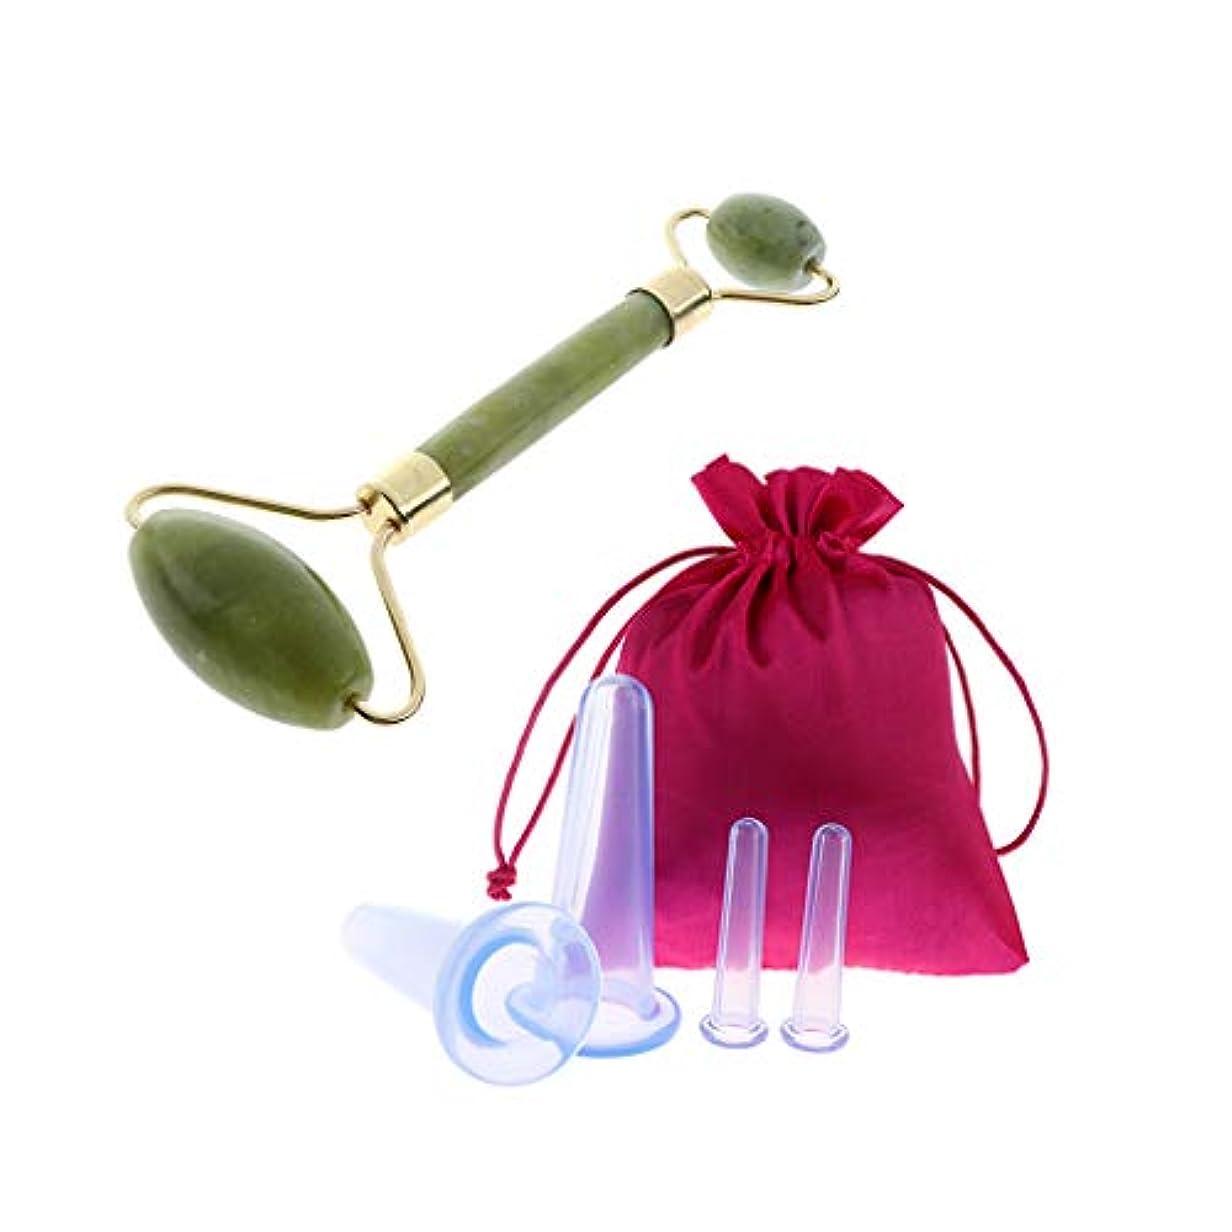 おもちゃアルミニウムきしむFLAMEER 美顔器 美顔ローラー 美容 小顔ローラー 美肌 収納袋付き 4本 シリコーン 抗セルライト 疲労緩和